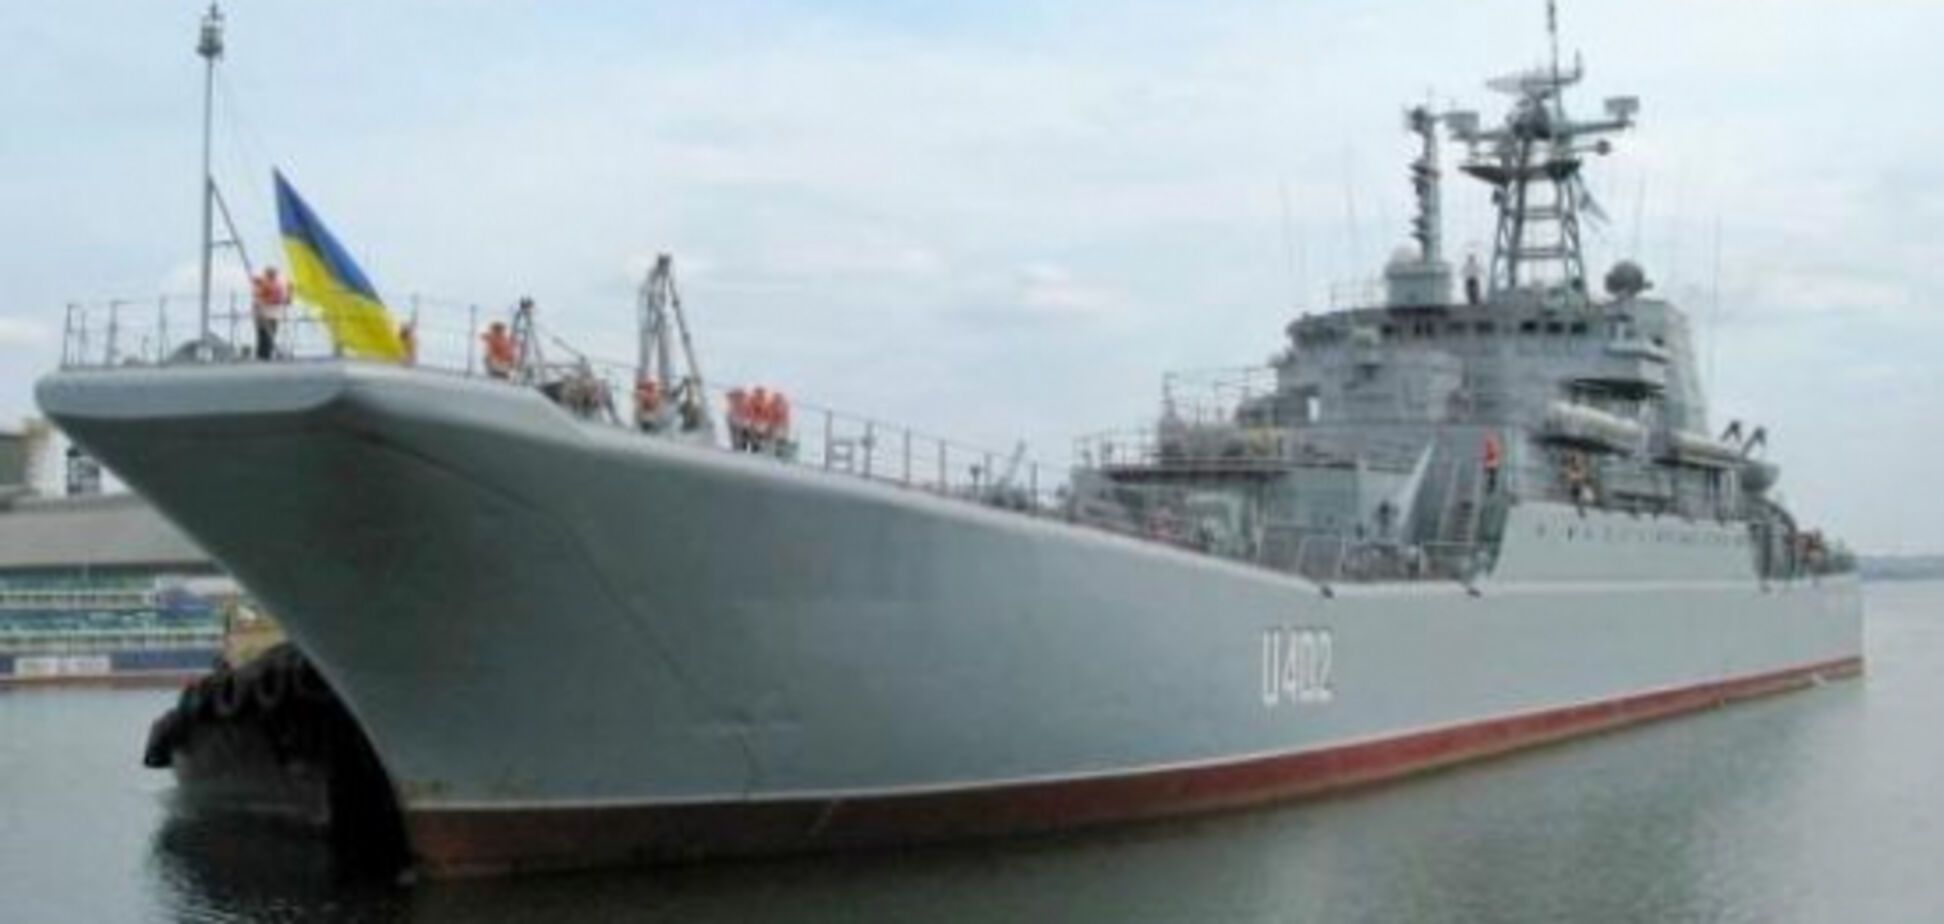 'Техника РФ - больший хлам': в Раде ответили на обвинения по кораблям ВМС в Крыму